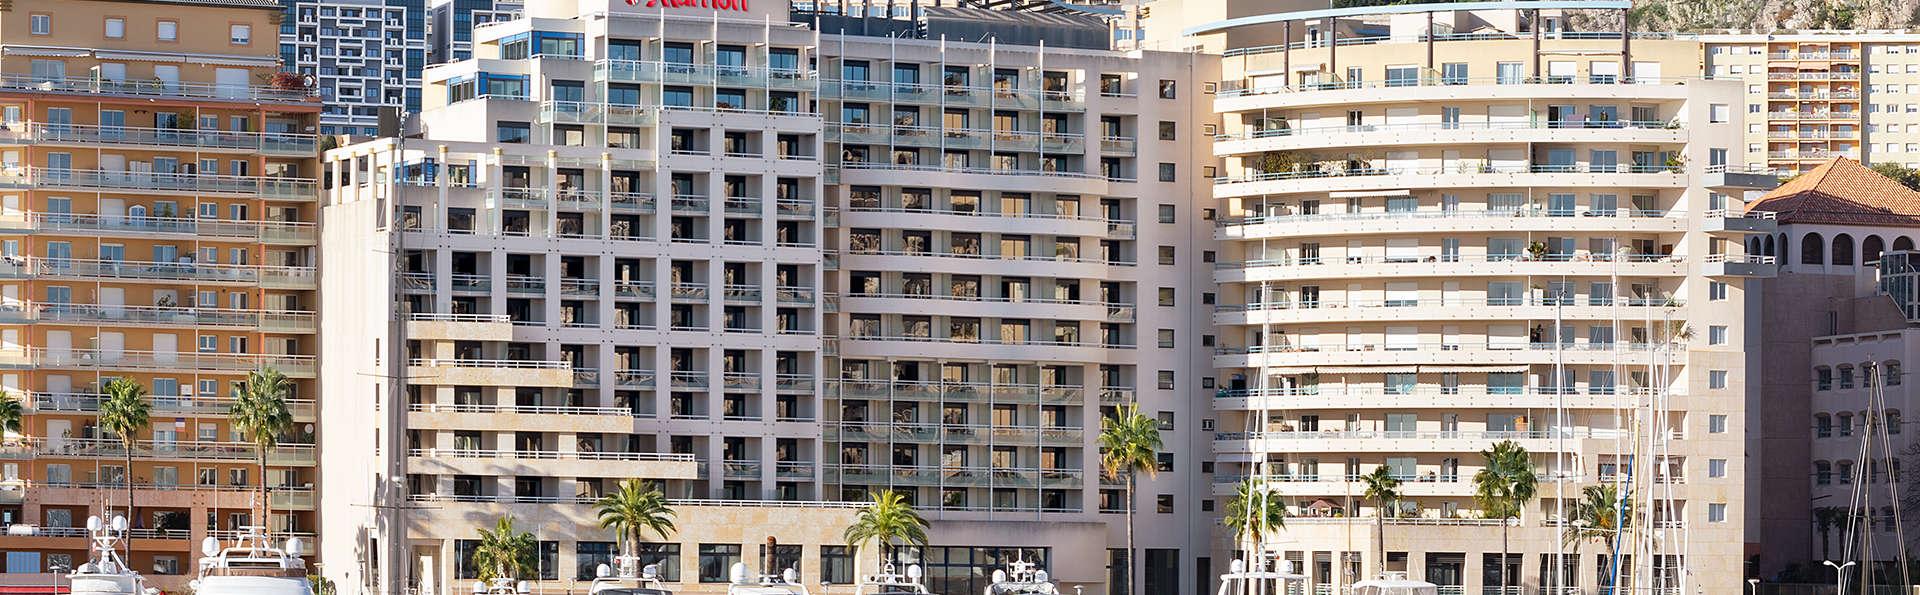 Hôtel Riviera Marriott La Porte de Monaco - EDIT_FRONT.jpg